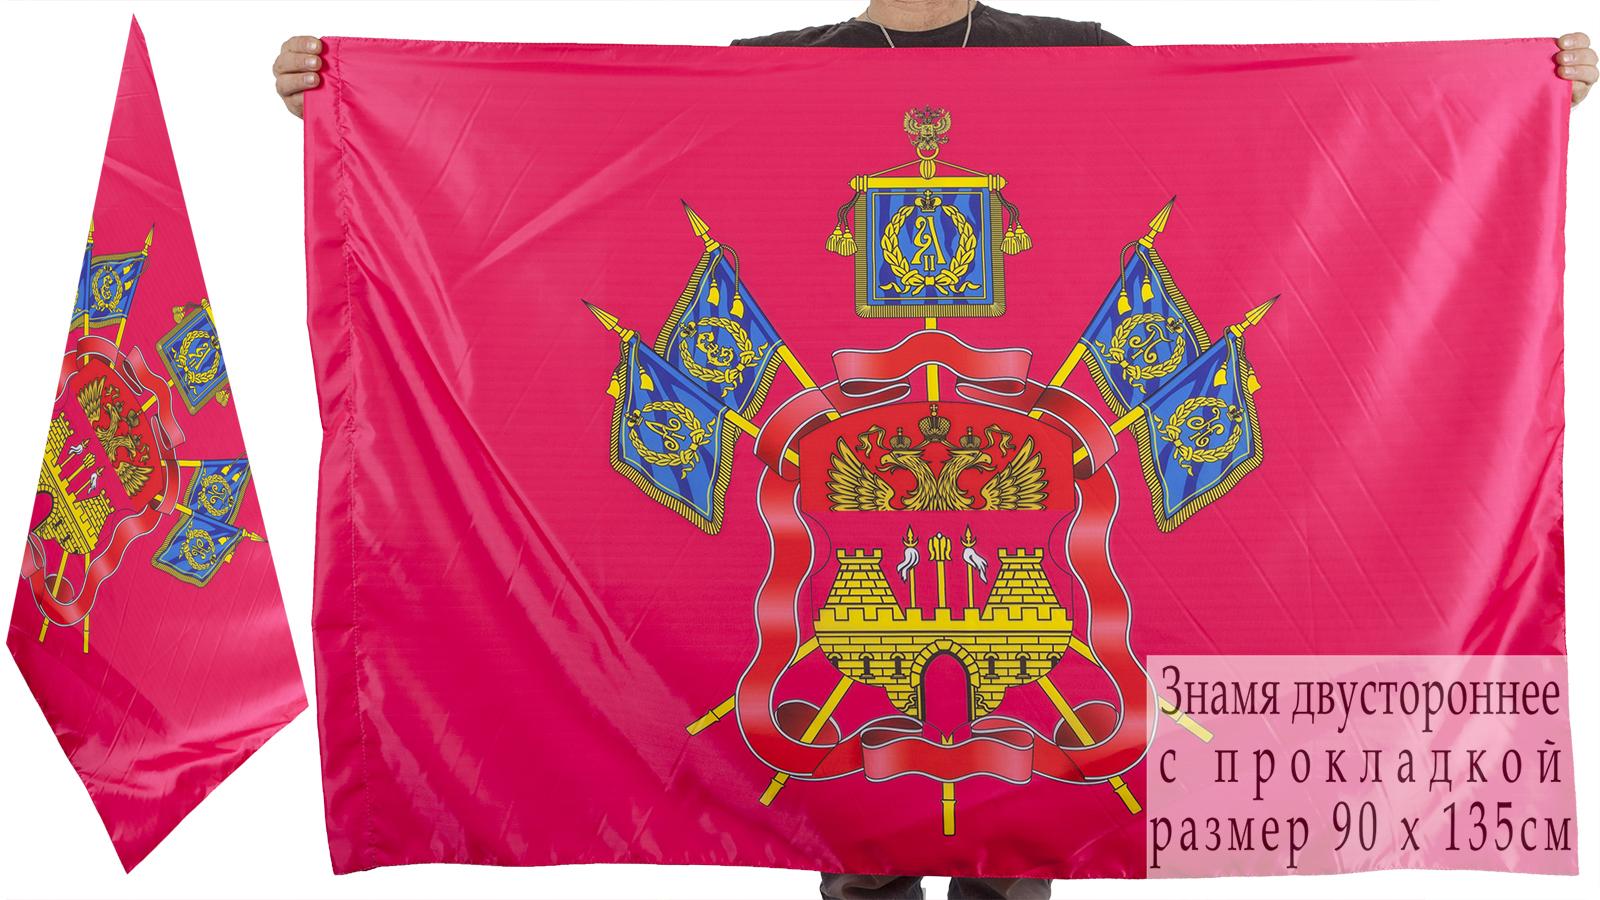 Купить флаг Кубанского Казачьего войска двусторонний